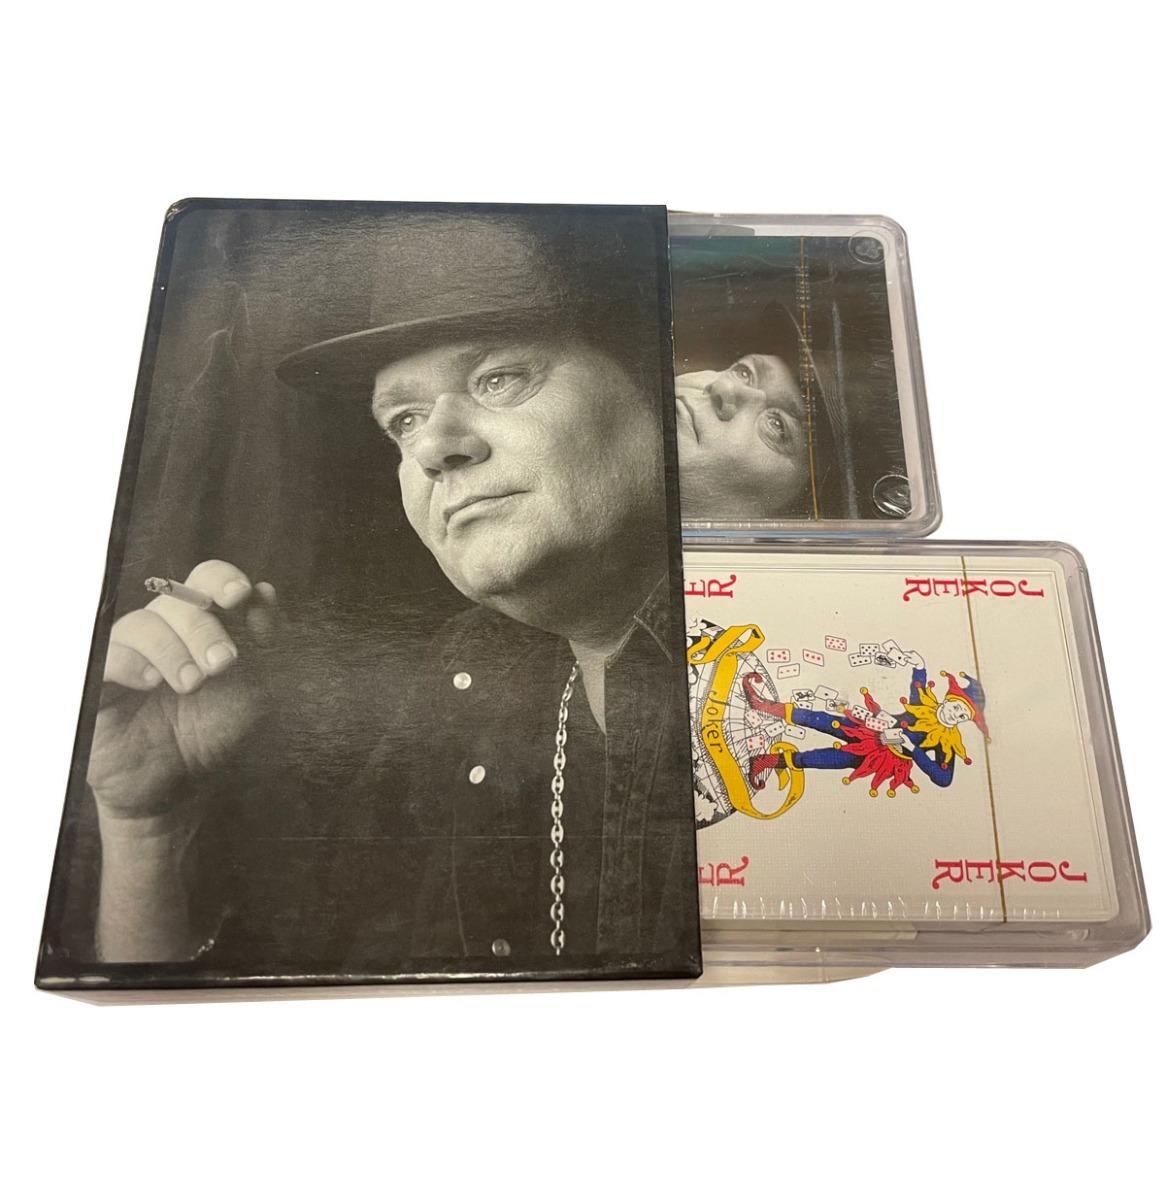 Andre Hazes Speelkaarten Set (2 decks)